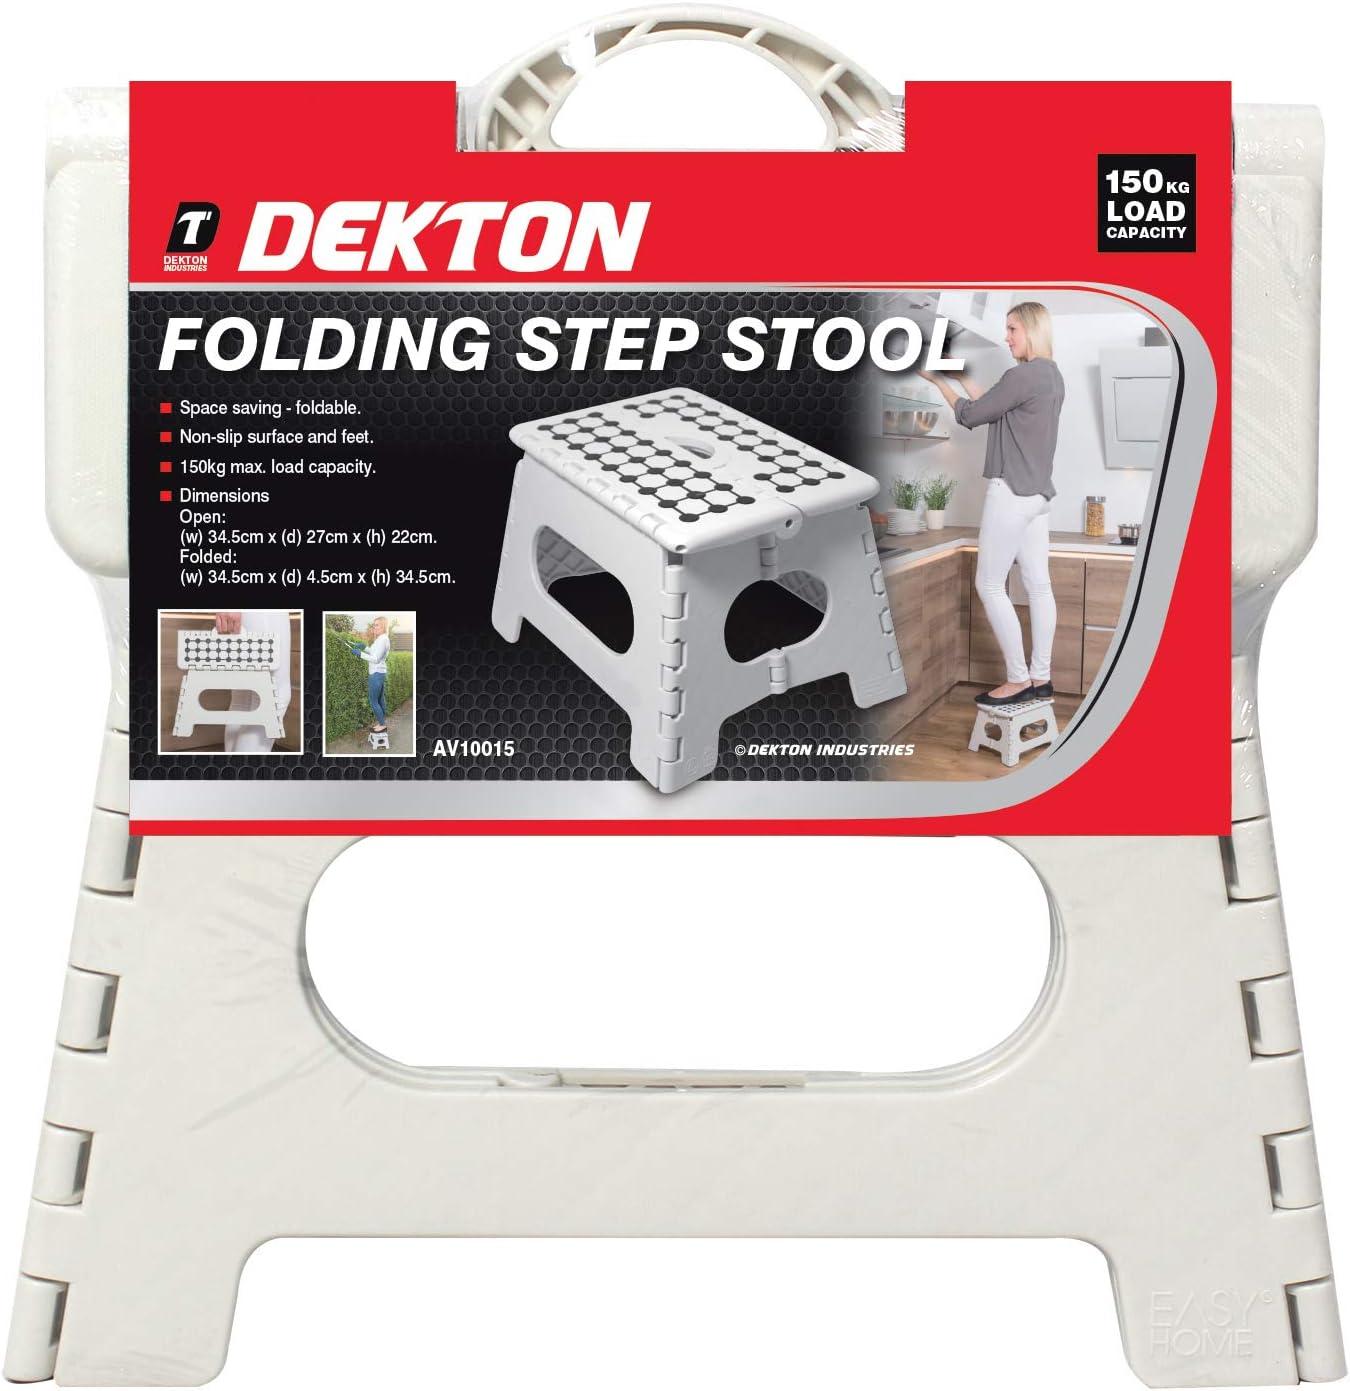 DEKTON AV10015 Folding Step Stool